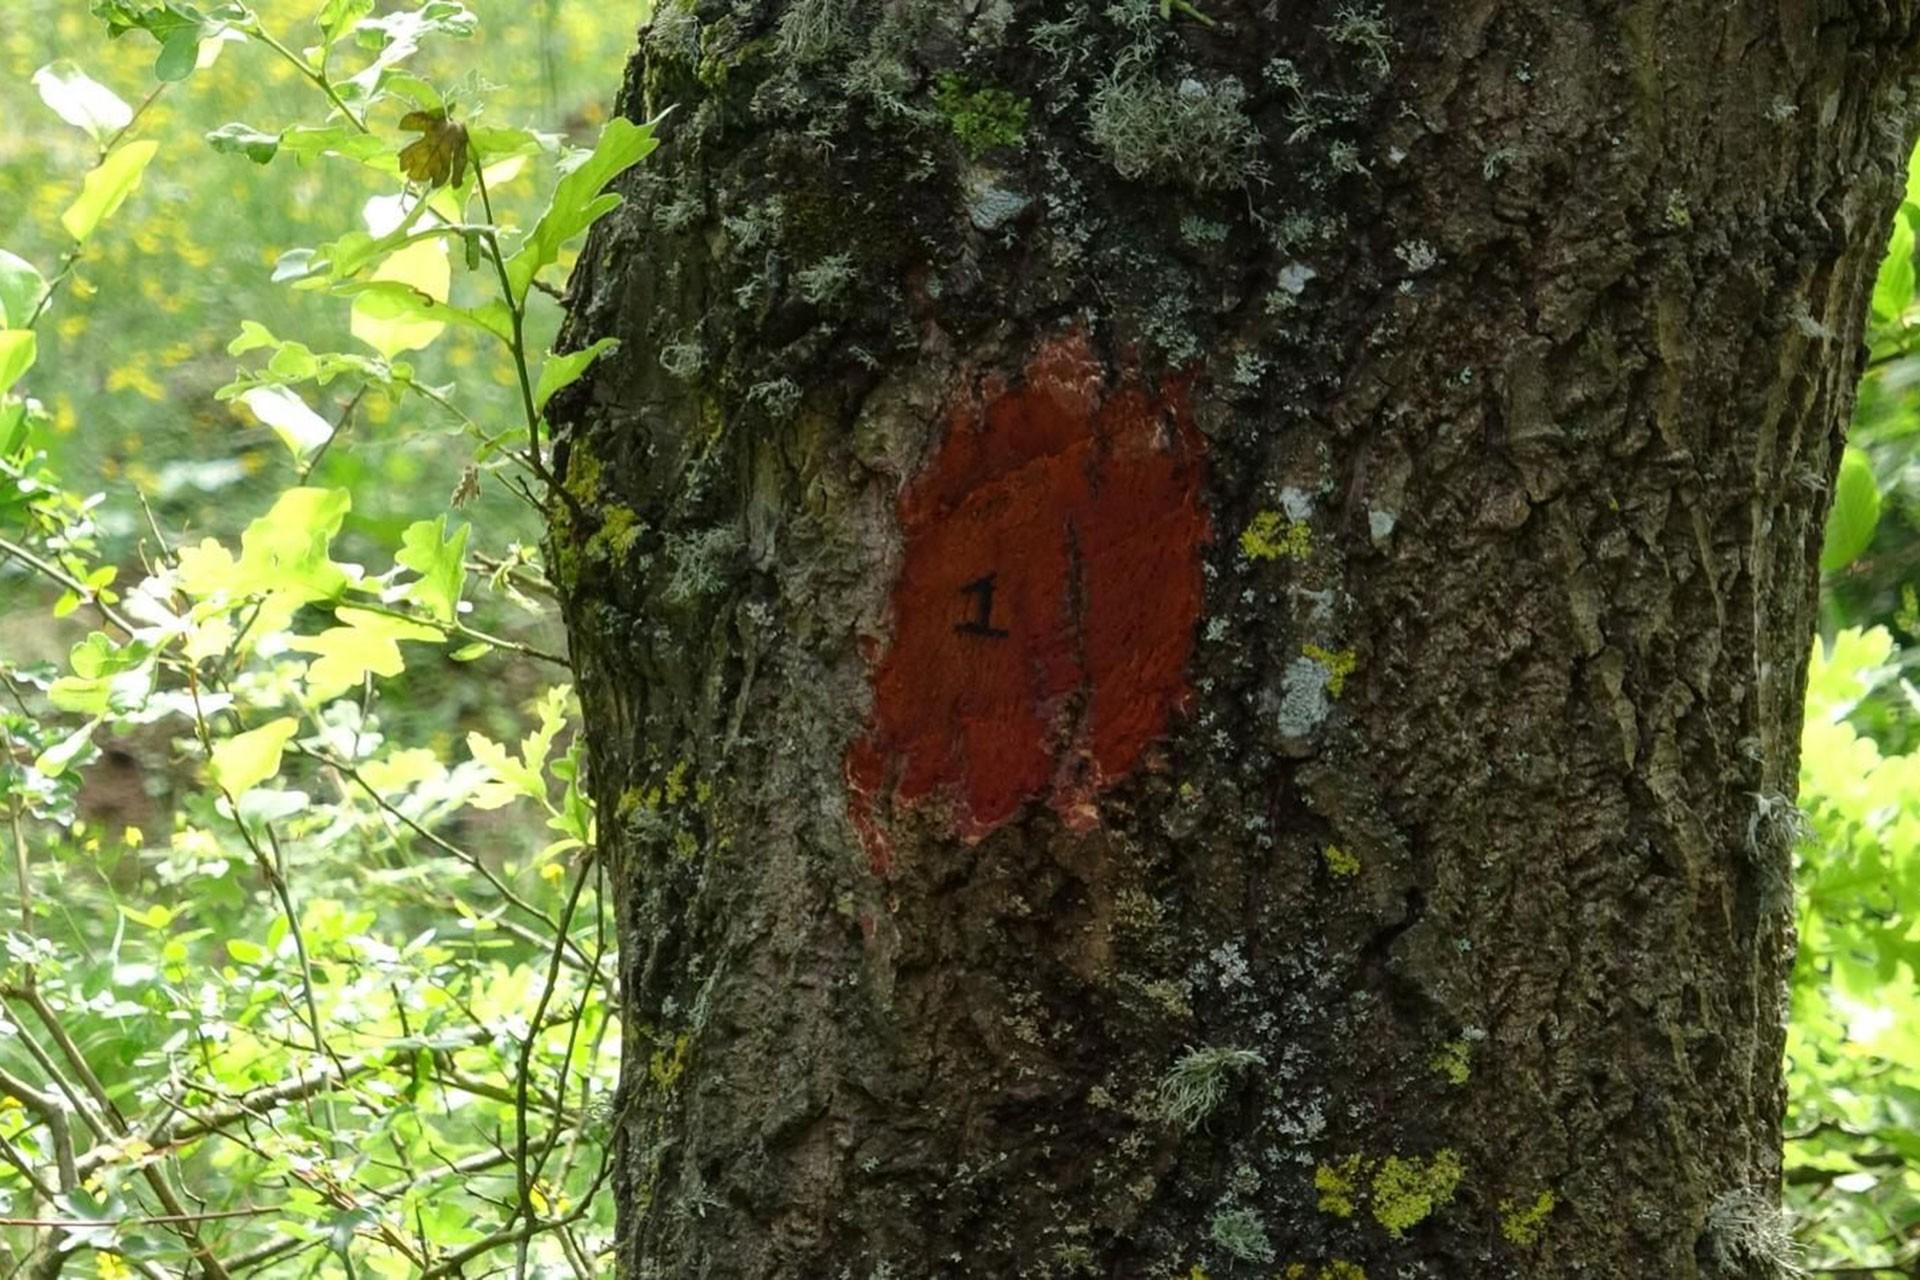 Taş ocağının yapılacağı bölgede ağaçlar numaralandırıldı.